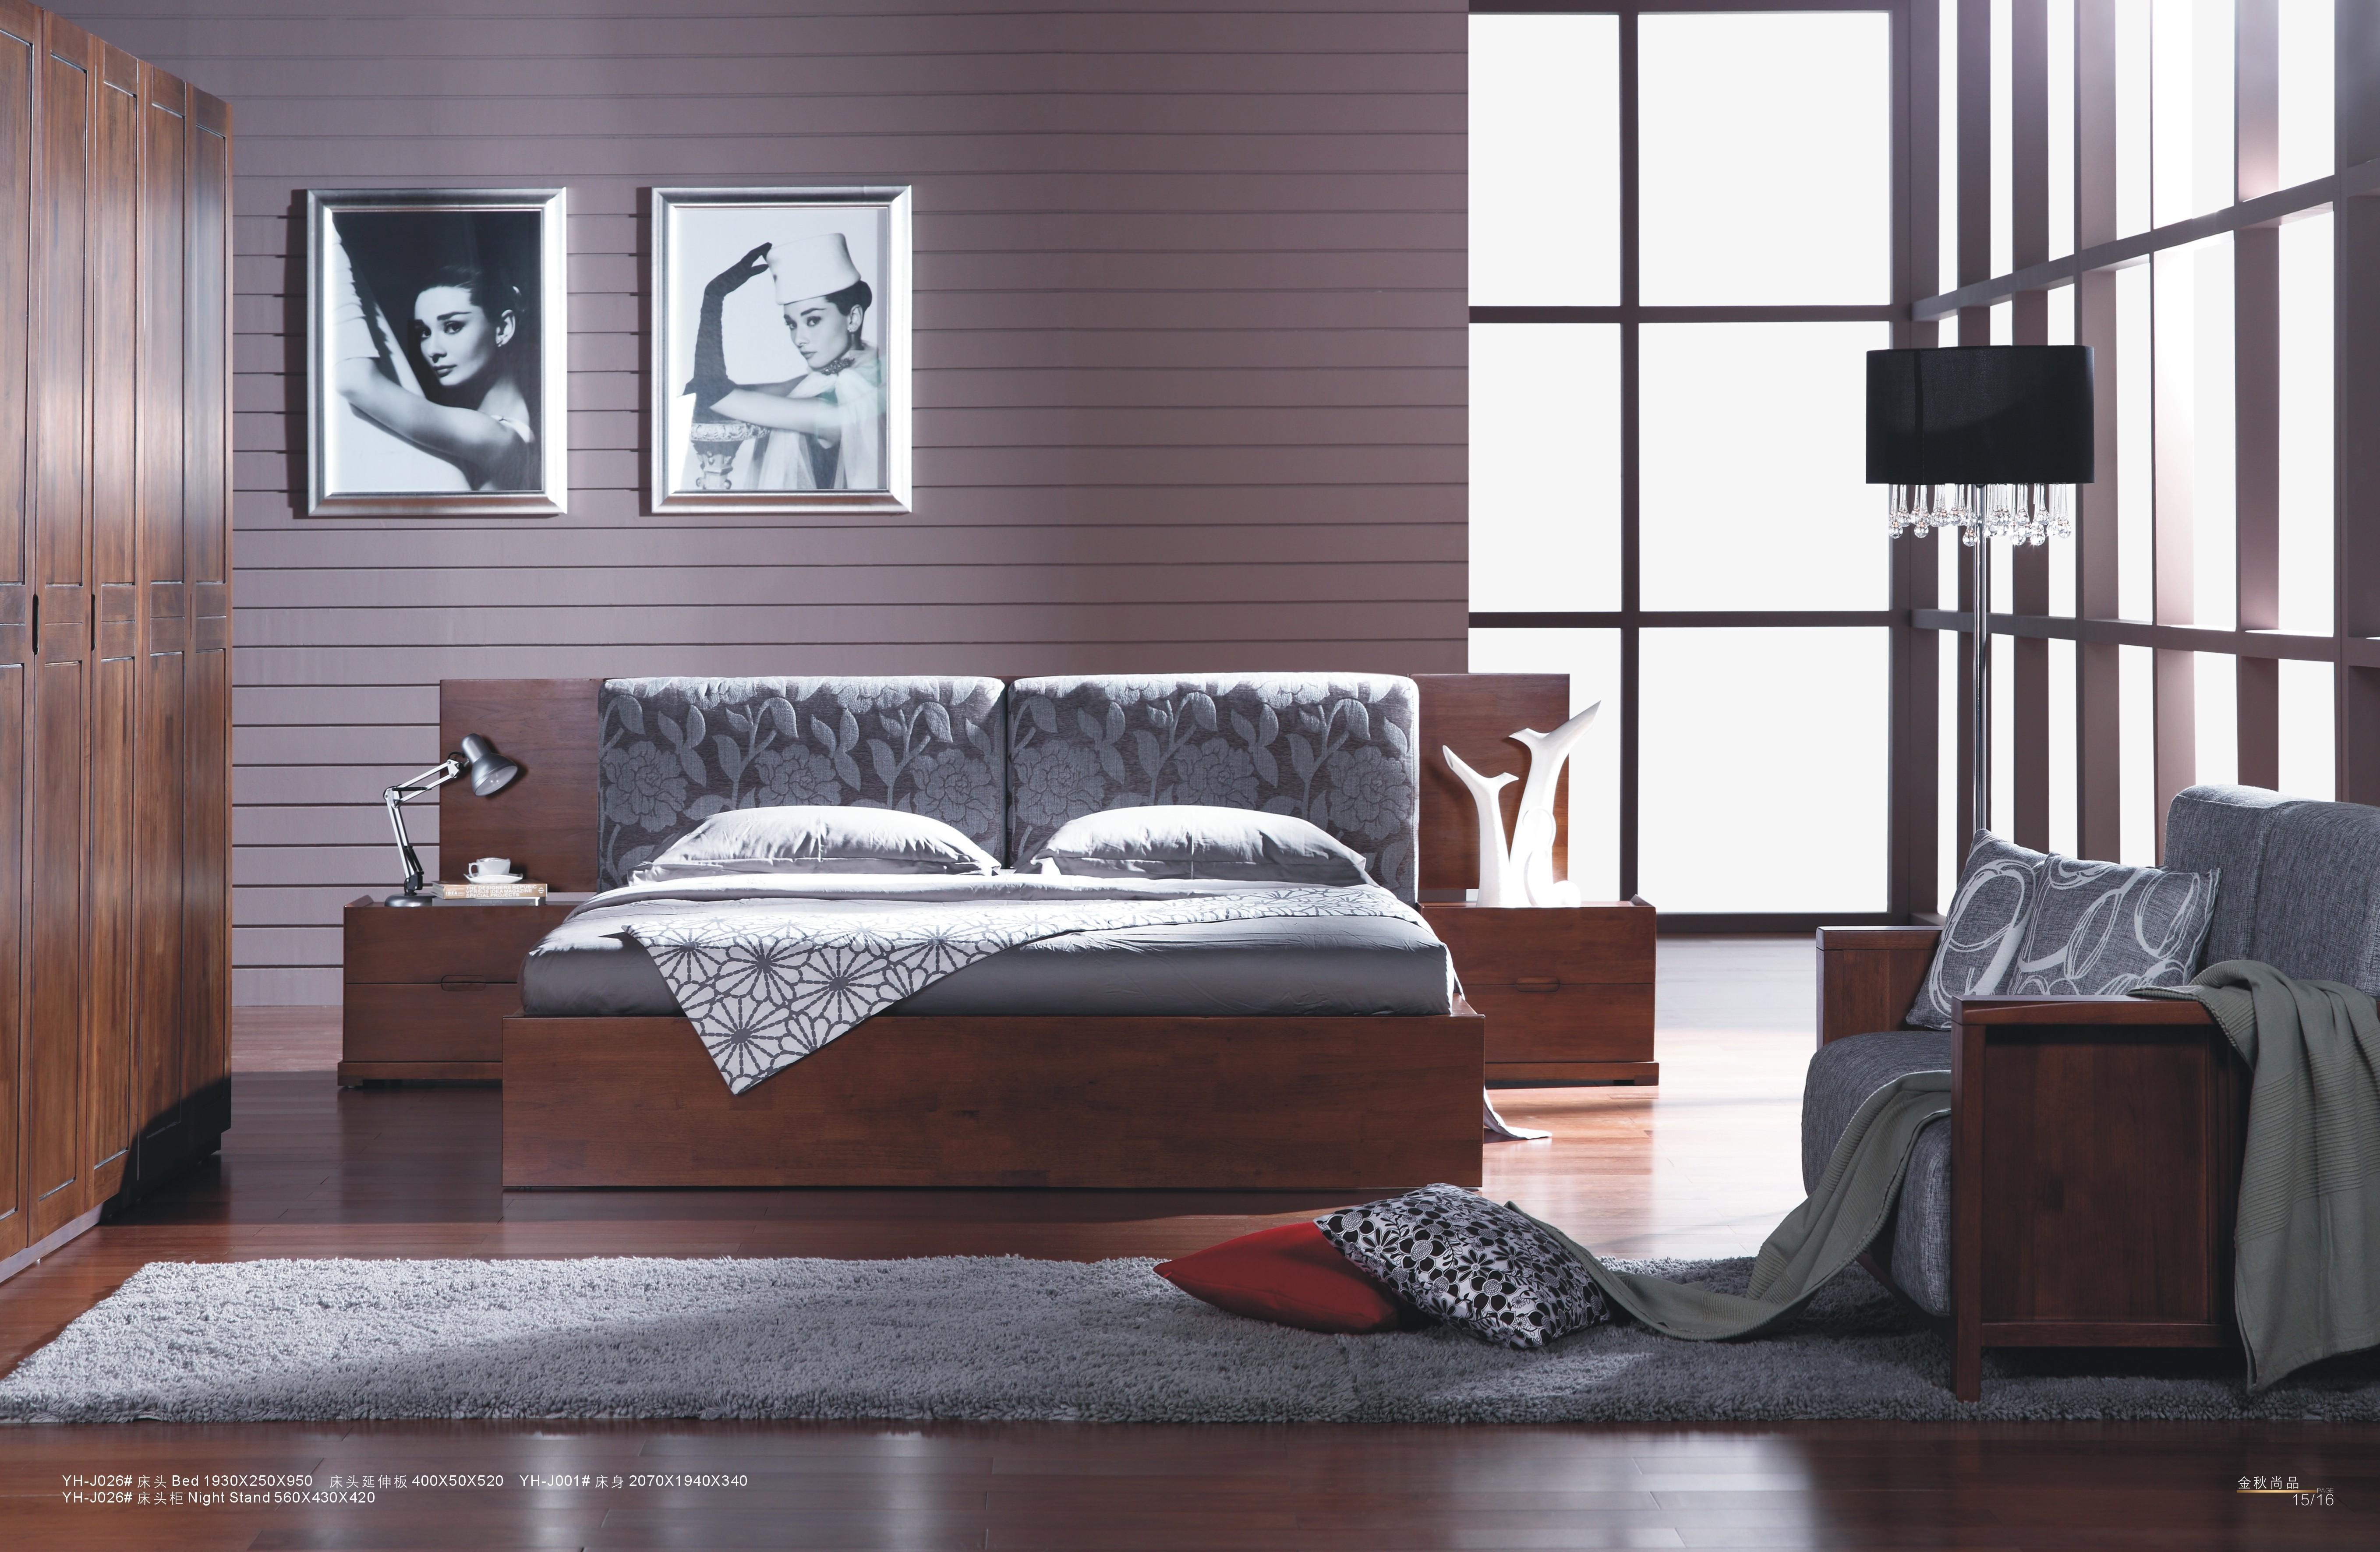 Ensemble pour chambre coucher traditionnel 1 0 1000 for Chambre a coucher ensemble